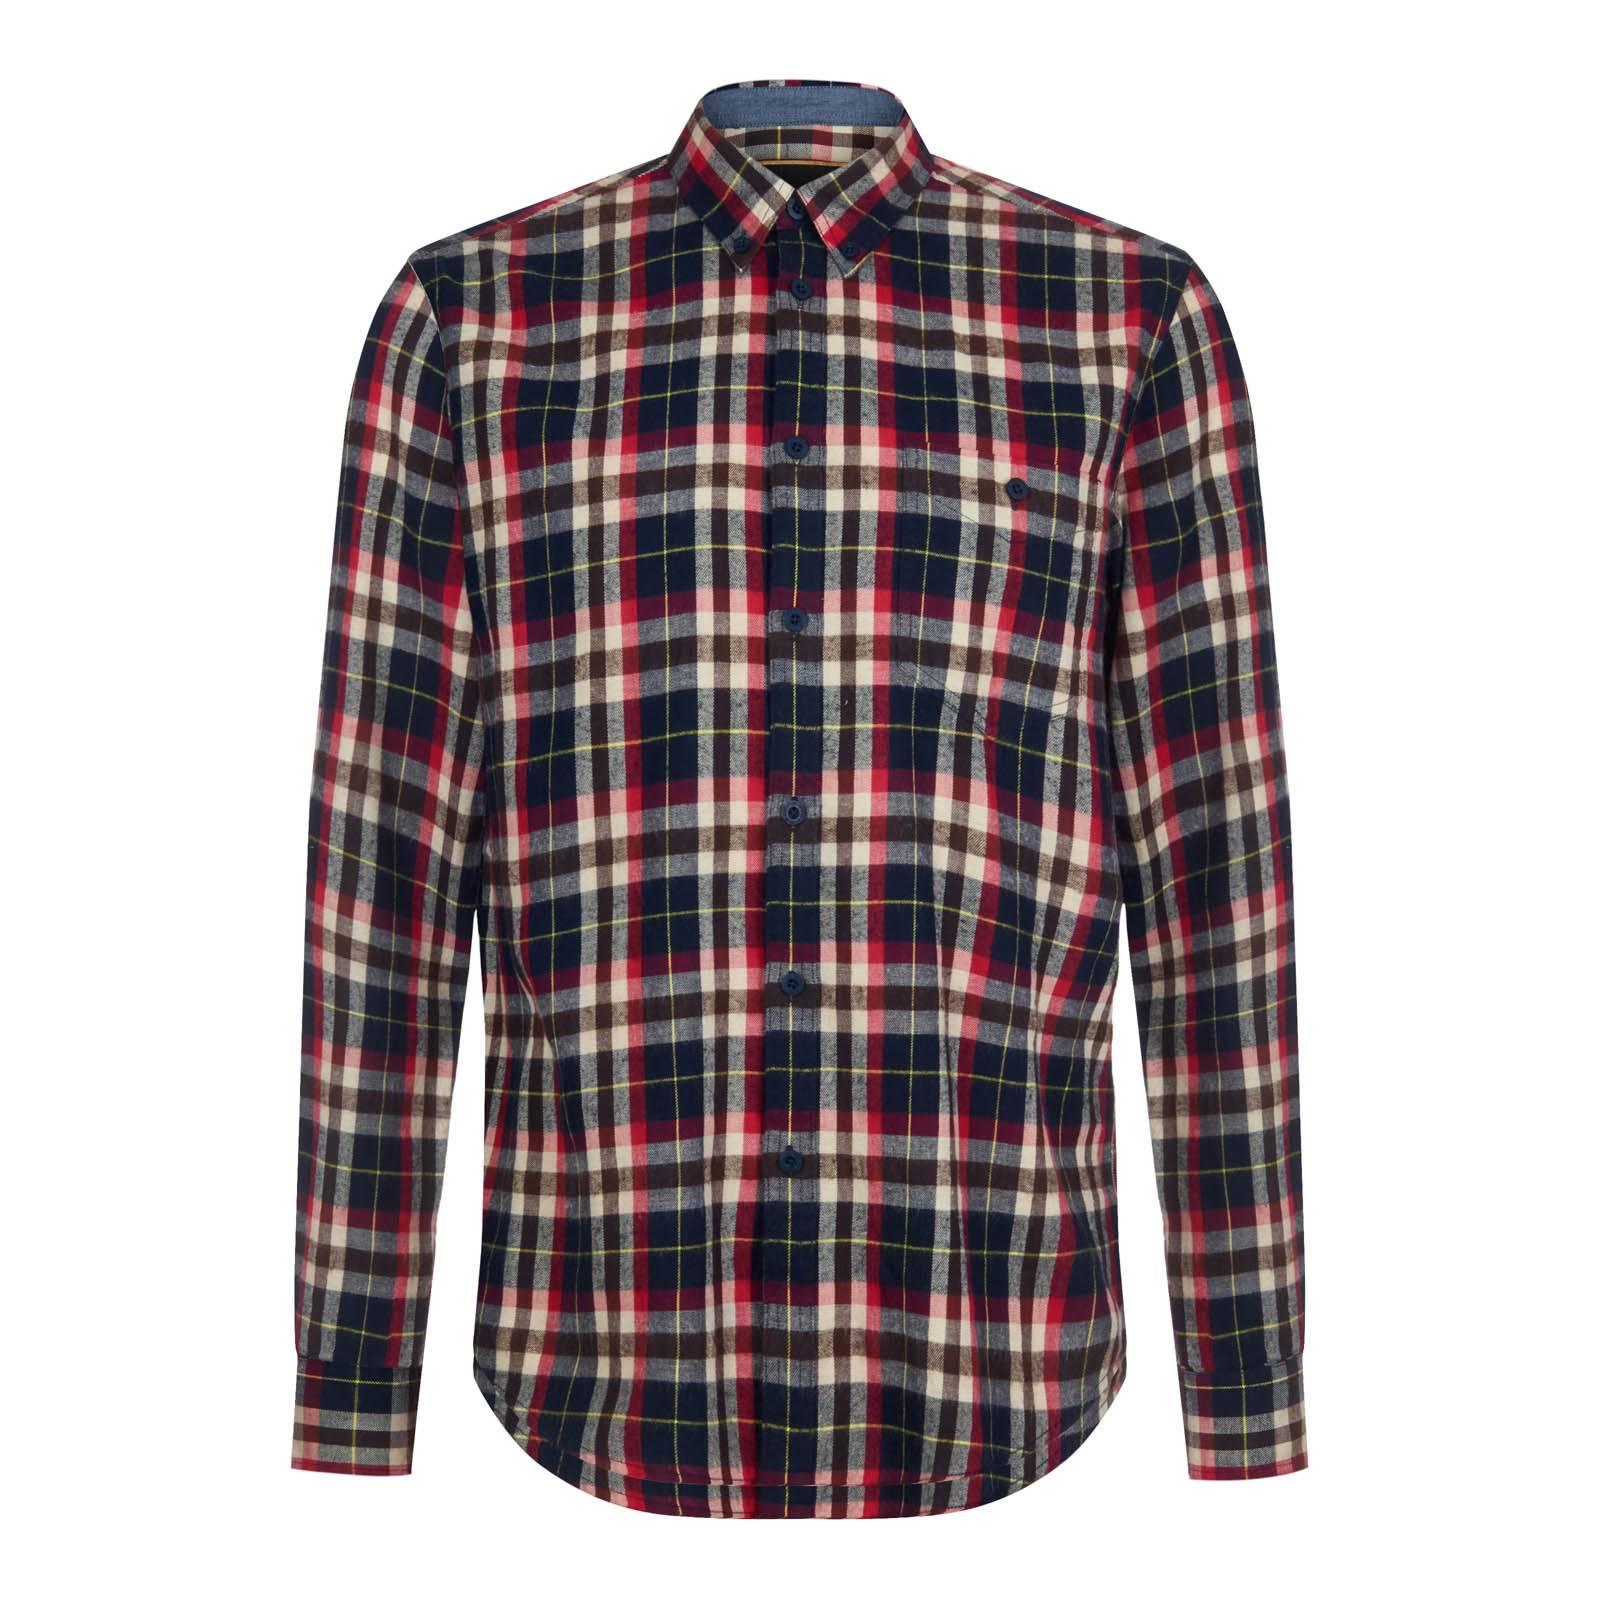 Рубашка TurnerButton Down<br>Приталенного покроя мужская рубашка из высококачественного хлопчатобумажного твила – ворсистой, мягкой на ощупь, прочной и долговечной ткани, выработанной саржевым (диагональным) переплетением нитей.  Традиционный для британской моды button-down воротник на пуговицах и эффектный тартановый узор вызывают ассоциации с благородным, уходящим в глубину веков стилем шотландского высокогорья. Эту рубашку удобно заправлять в джинсы, для чего её конструкция предусматривает удлиненную спинку. Её можно также сочетать с твидовыми брюками и пиджаком, а также замшевой обувью типа брогов или дезертов.<br><br>Артикул: 1516214<br>Материал: 100% хлопок<br>Цвет: мультицветный тартан<br>Пол: Мужской